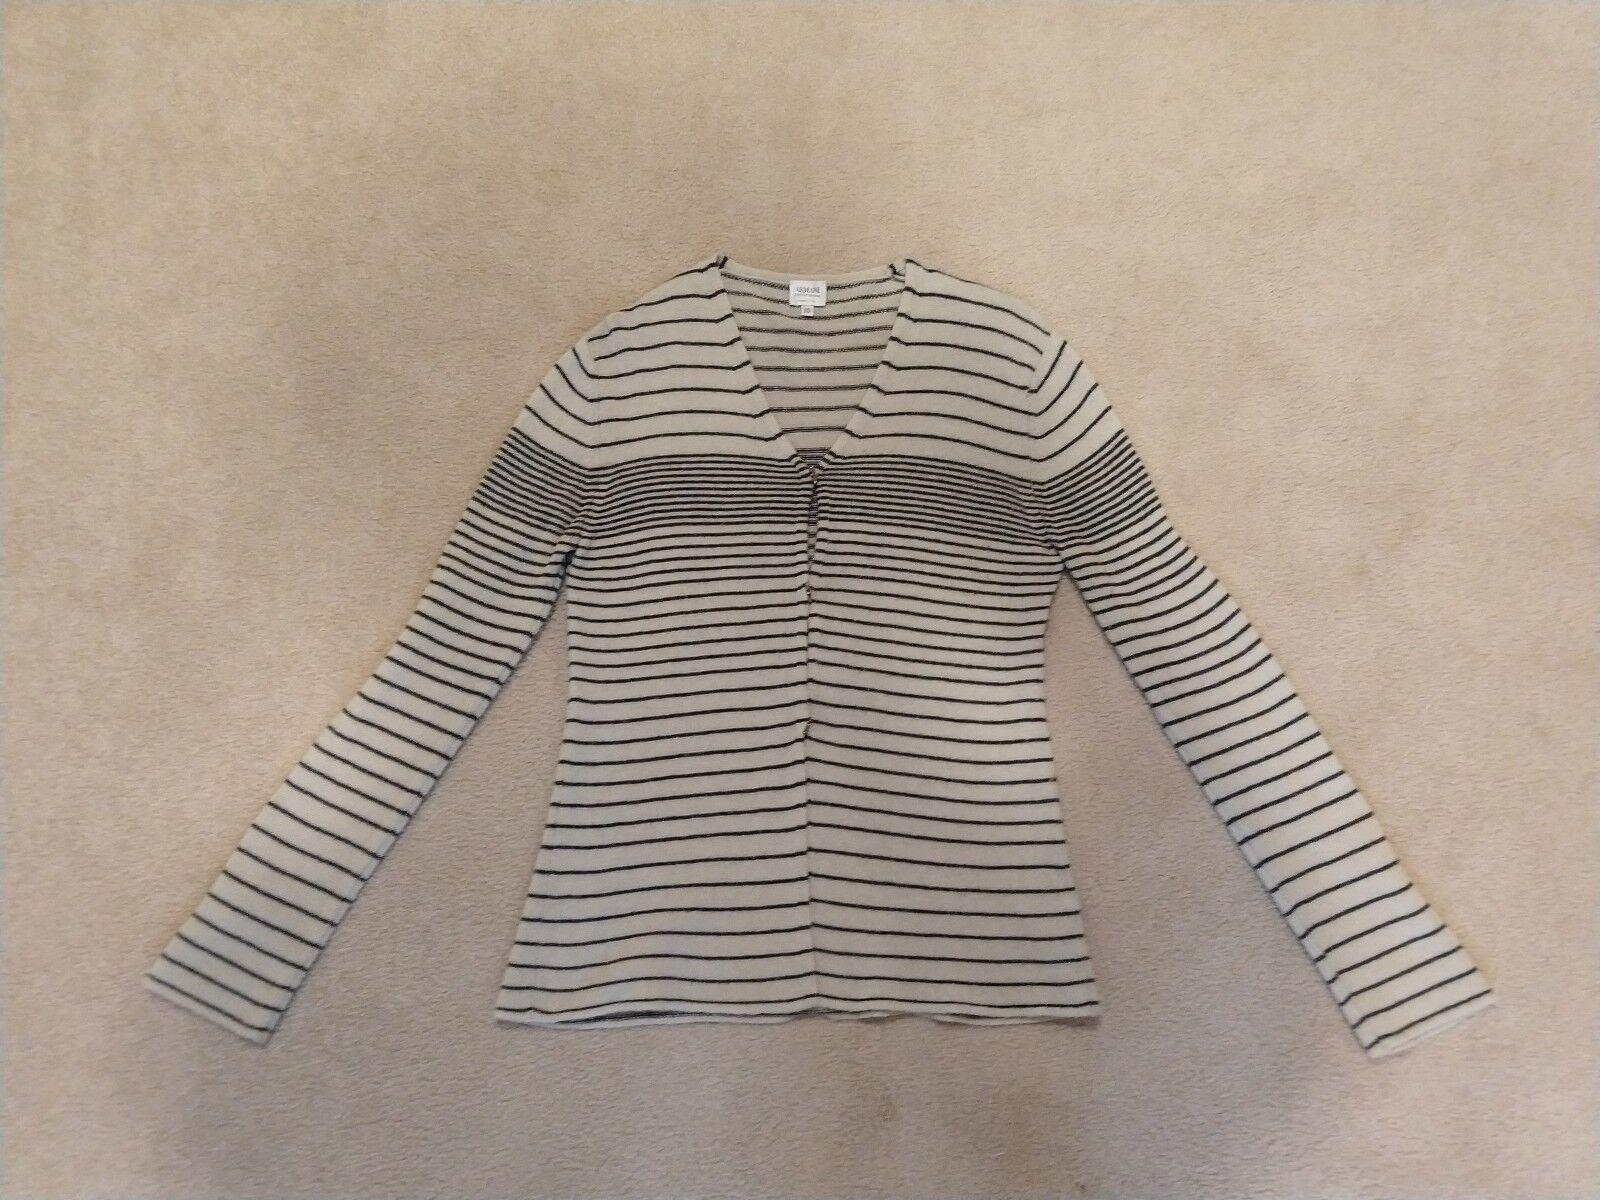 Women's Armani Collezioni striped cardigan sweater size 10 merino cashmere blend